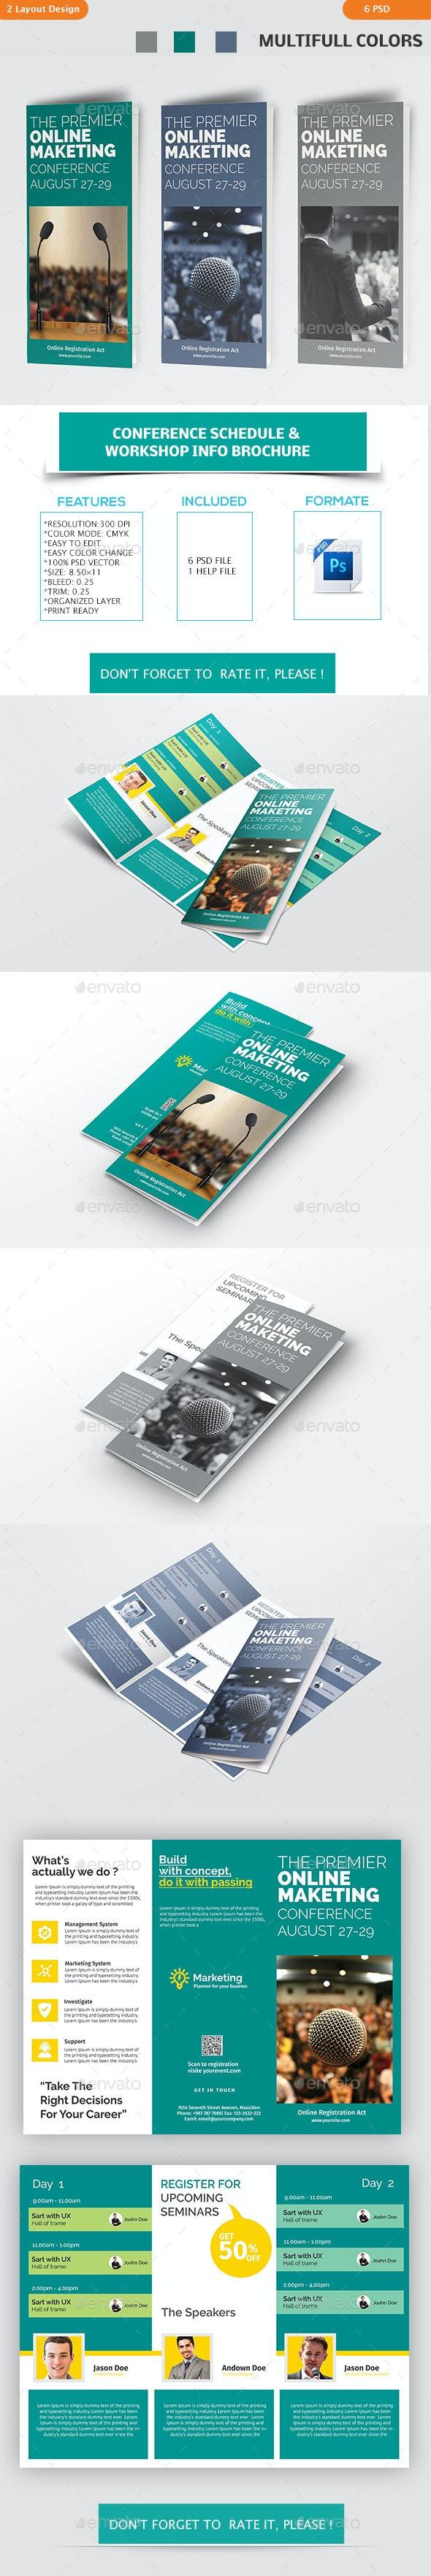 Conference Schedule & Workshop Info Brochure - Corporate Brochures